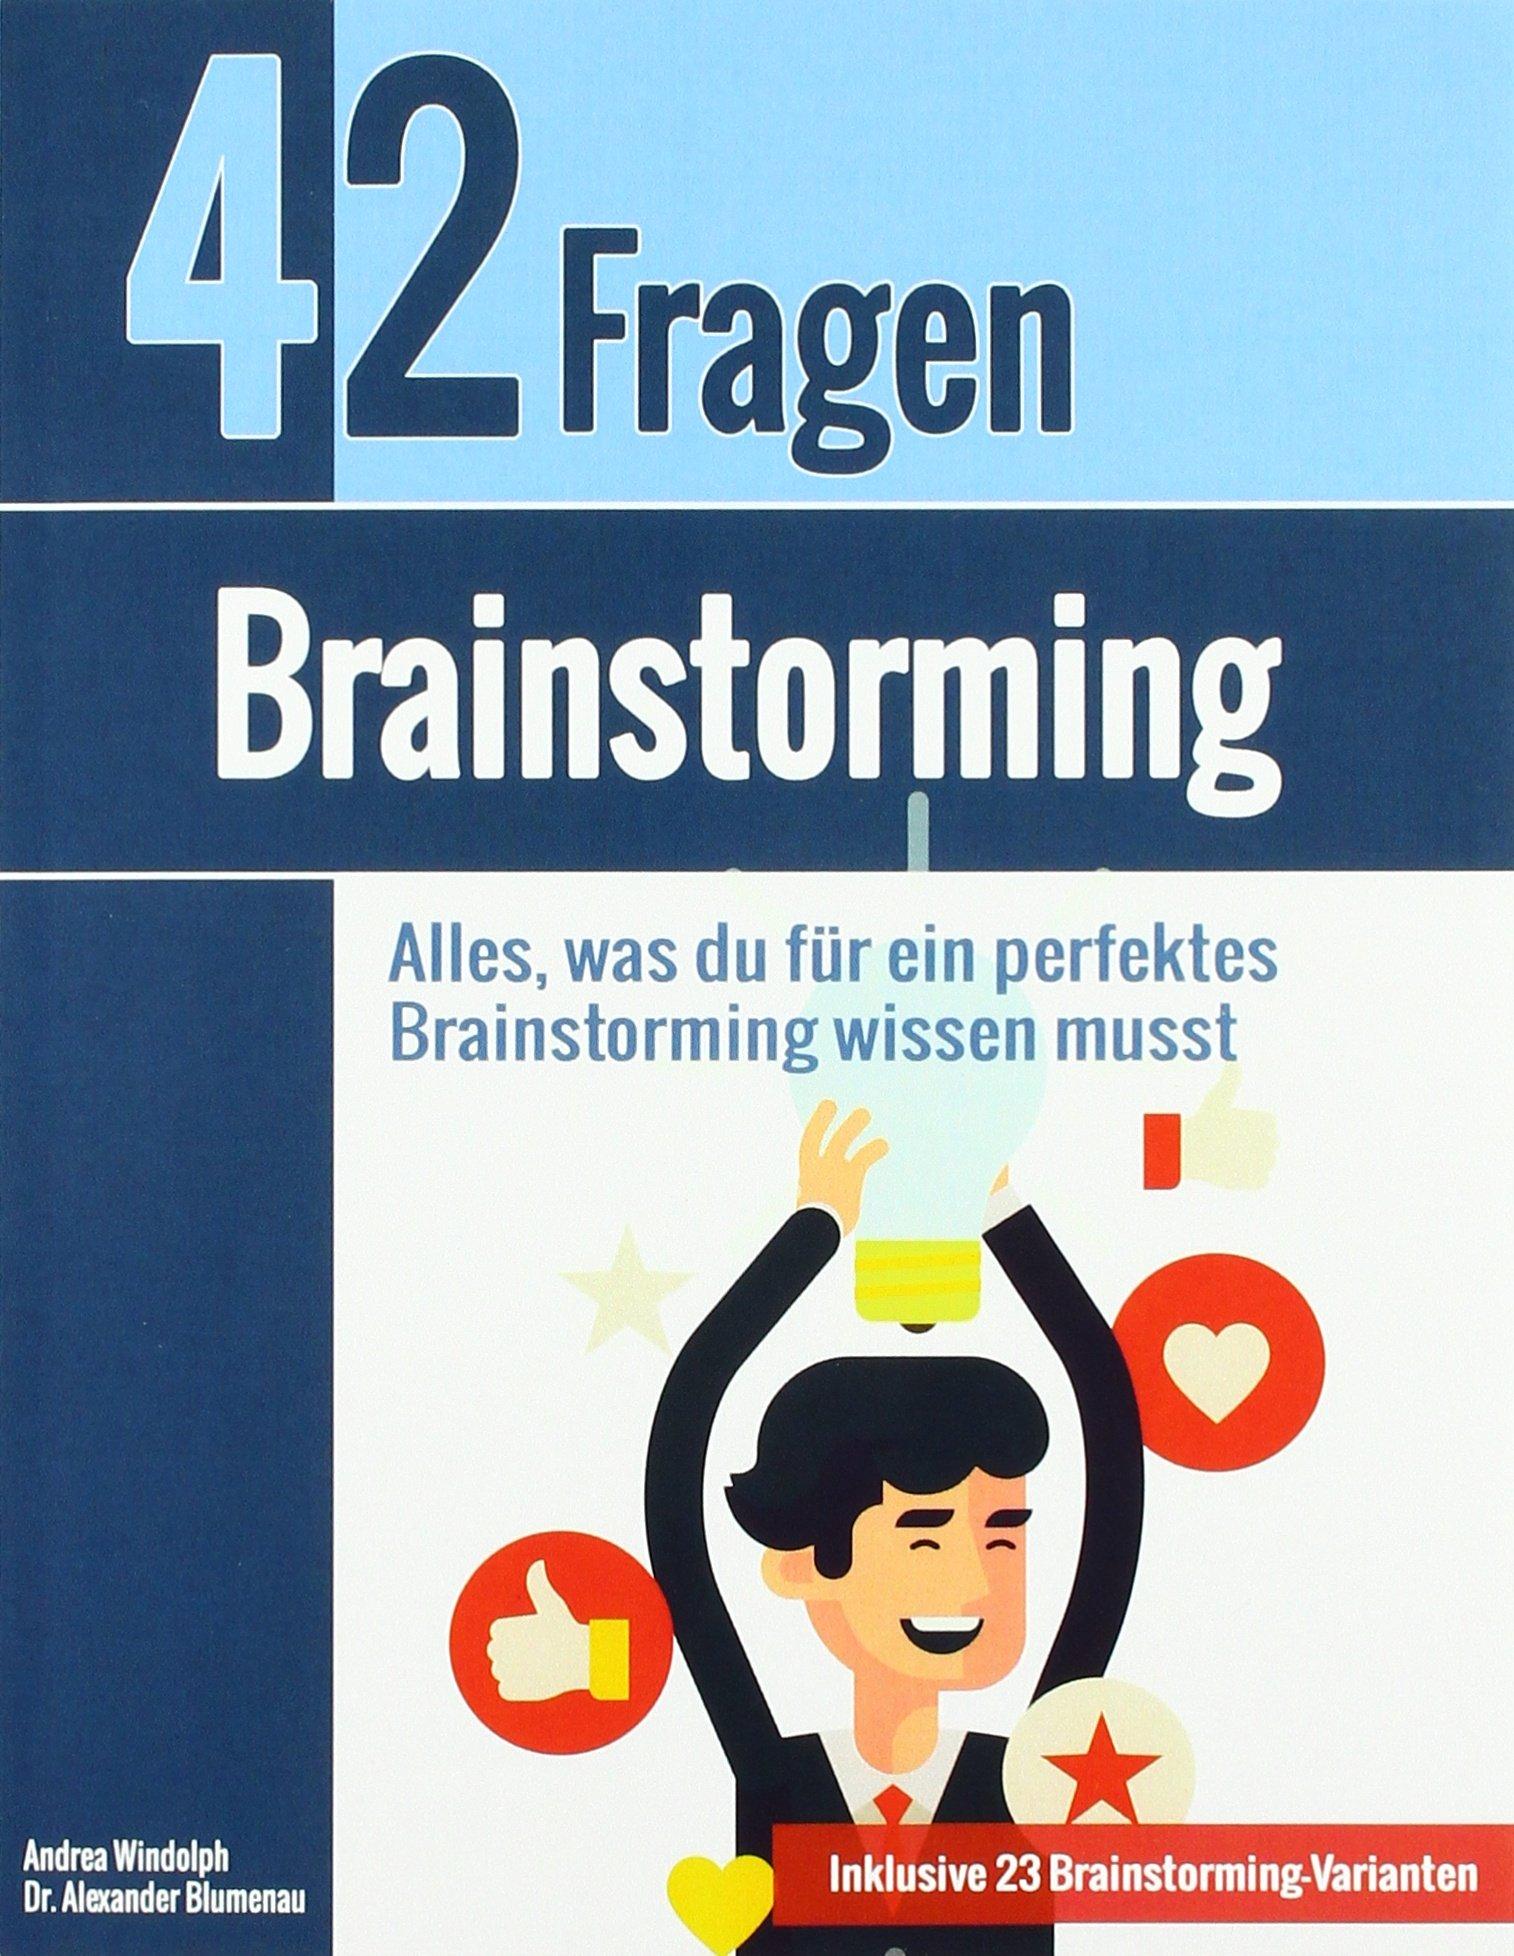 Brainstorming: Alles, was du für ein perfektes Brainstorming wissen musst